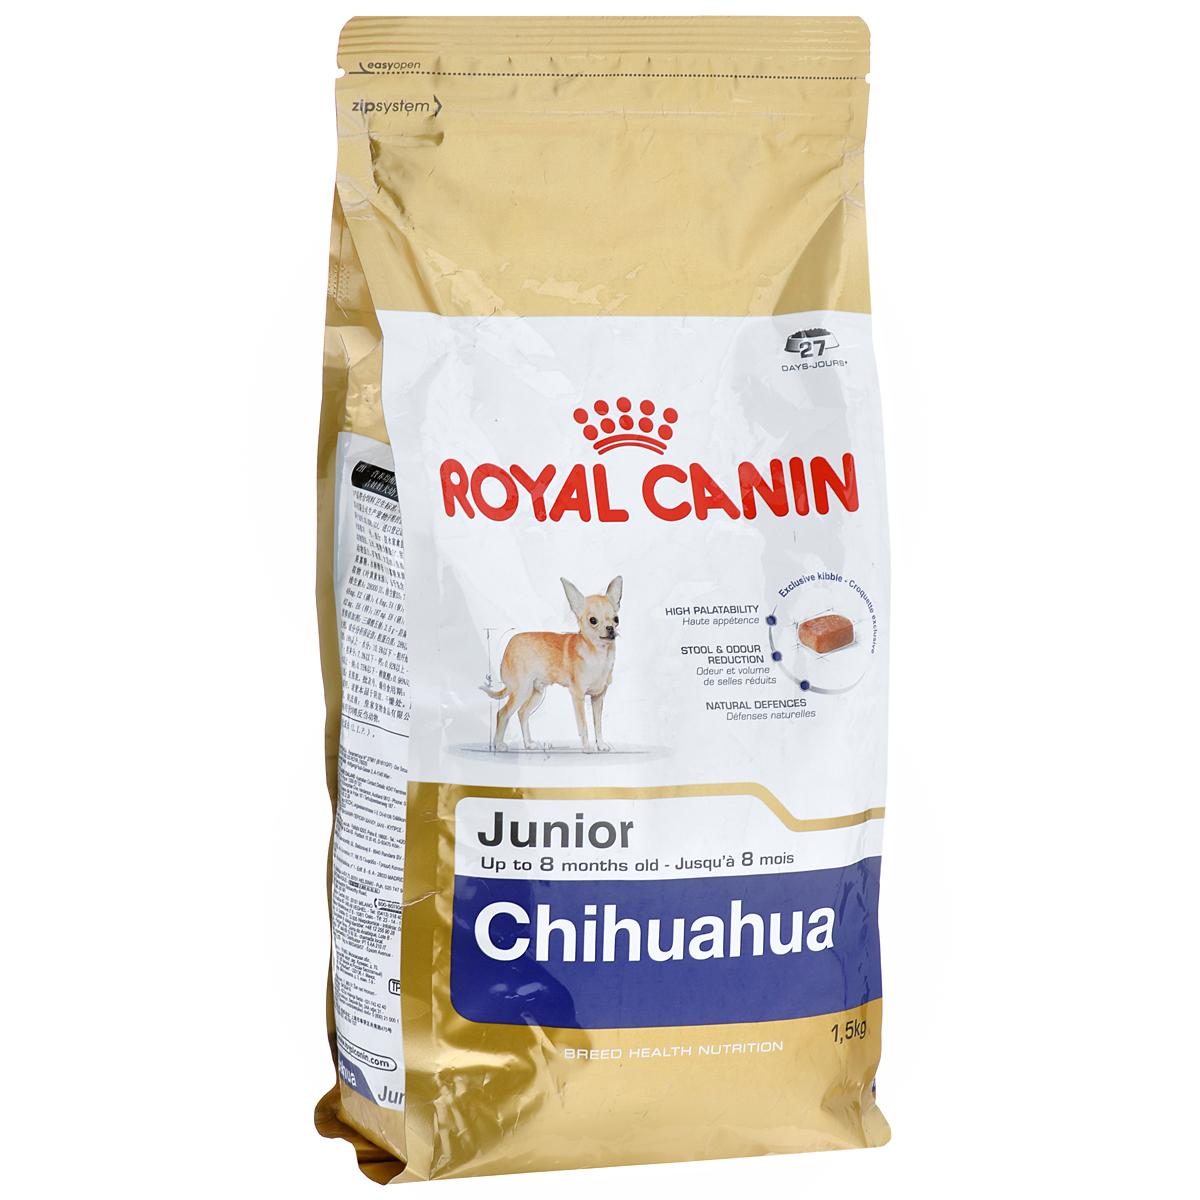 Корм сухой Royal Canin Chihuahua Junior, для щенков породы чихуахуа в возрасте до 8 месяцев, 1,5 кг0120710Сухой корм Royal Canin Chihuahua Junior - полнорационное питание для щенков породы чихуахуа в возрасте до 8 месяцев.Щенок чихуахуа нуждается в особенной заботе из-за своих миниатюрных размеров и природной хрупкости. Чихуахуа является самой маленькой породой собак. Они очень предрасположены к образованию зубного камня, таким образом гигиена зубов крайне важна для собак этой породы. Очень важно выбрать корм, крокеты которого имеют соответствующую форму. Chihuahua Junior можно заказать и купить онлайн или в специальных магазинах.Высокая вкусовая привлекательность.Благодаря отборным натуральным ароматам и специально адаптированным крокетам мелкого размера и текстуры, корм обладает максимальной аппетитностью даже для самых маленьких и привередливых щенков чихуахуа. Ослабление запаха стула.Корм для щенков чихуахуа снижает объем и ослабляет неприятный запах экскрементов. Поддержание естественных механизмов защиты.Комплекс антиоксидантов, обладающих синергичным действием (лютеин, таурин, витамины С и Е), укрепляет иммунную защиту щенка. Манноолигосахариды стимулируют производство антител. Специально для миниатюрных челюстей.Крокеты корма идеально подходят для крошечных челюстей щенка чихуахуа.Состав: дегидратированные белки животного происхождения (птица), рис, животные жиры, кукуруза, изолят растительных белков, свекольный жом, гидролизат белков животного происхождения, минеральные вещества, соевое масло, рыбий жир, растительная клетчатка, фруктоолигосахариды, гидролизат дрожжей (источник мaннановых олигосахаридов), экстракт бархатцев прямостоячих (источник лютеина).Добавки (в 1 кг): протеин — 30%,жир — 20%,клетчатка — 2%, таурин — 2000 мг%, кальций — 1,15%, натрий — 0,35%, магний — 0,07%, хлор — 0,5%, калий — 0,7%, йод — 5,6 мг, селен — 0,35 мг, медь — 22 мг, железо — 221 мг, марганец — 76 мг, цинк — 229 мг, витамин A — 29000 МЕ,витамин D3 — 800 МЕ, витамин E — 600 мг